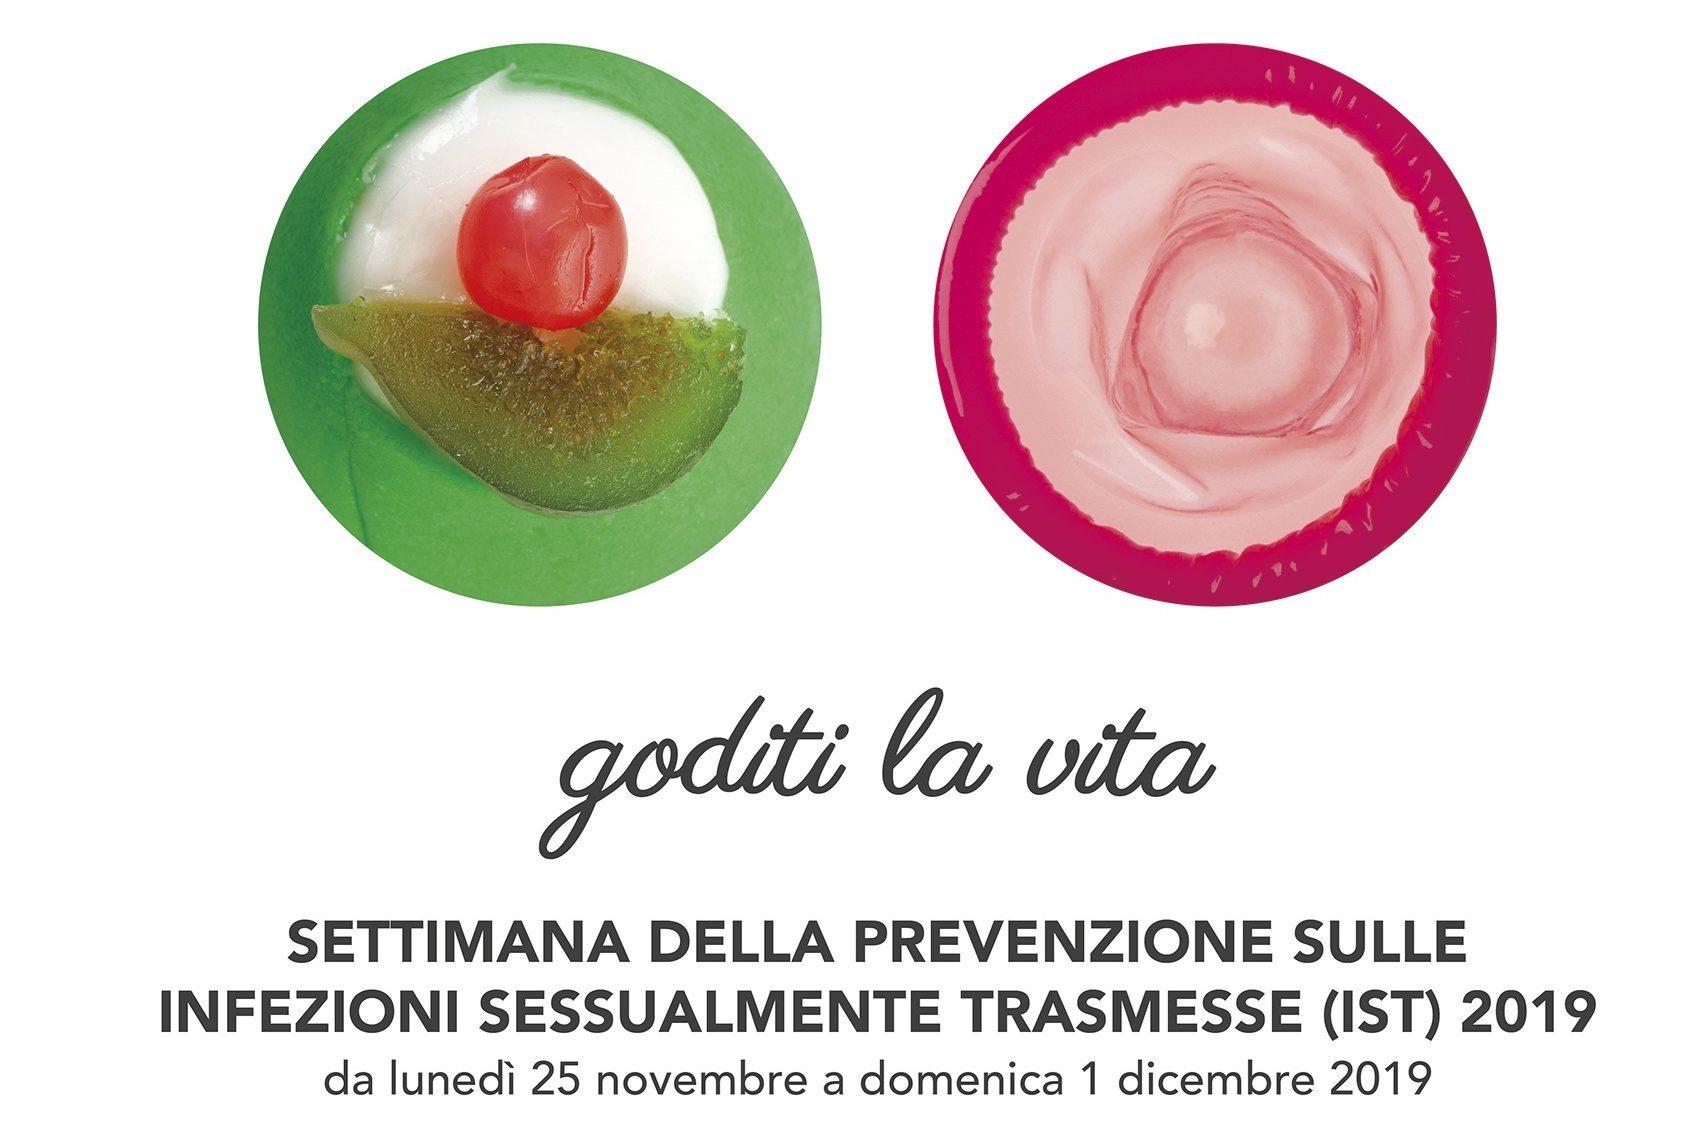 Settimana della prevenzione delle malattie sessualmente trasmissibili: test gratuiti a Catania